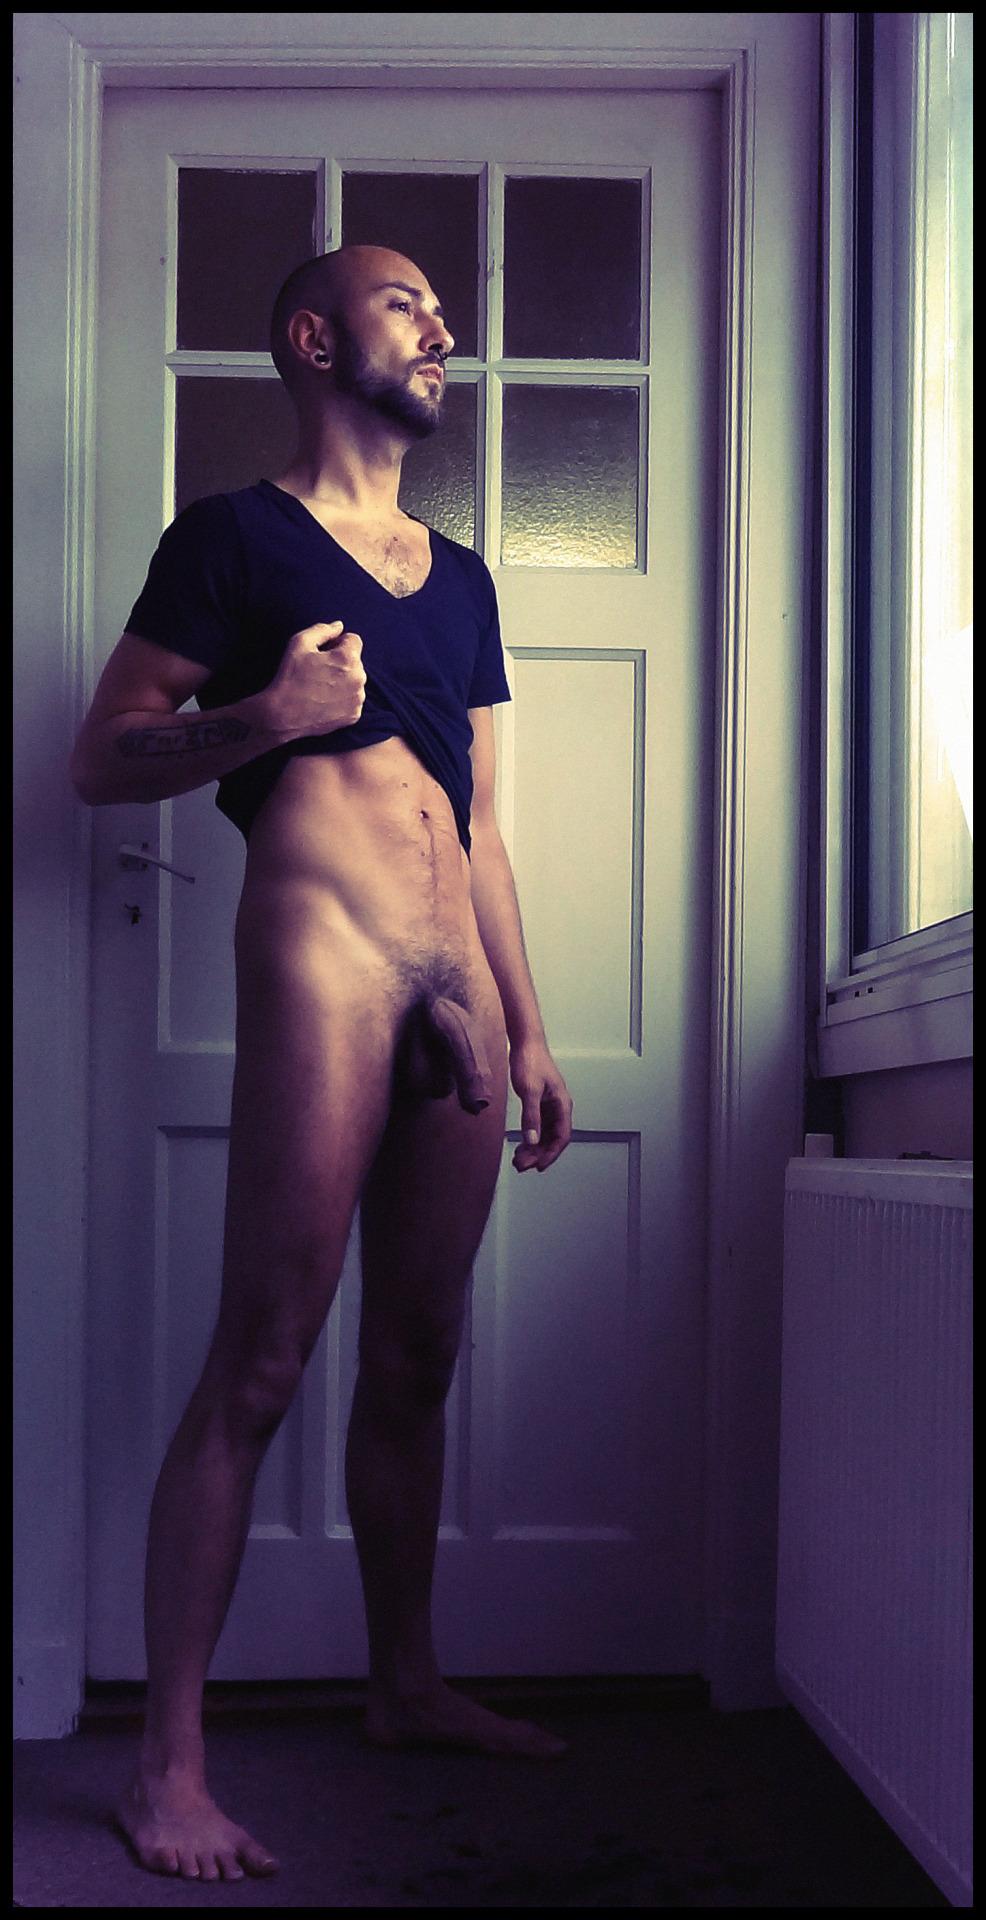 Photo d'un homme nu de 34 ans avec une grosse bite molle